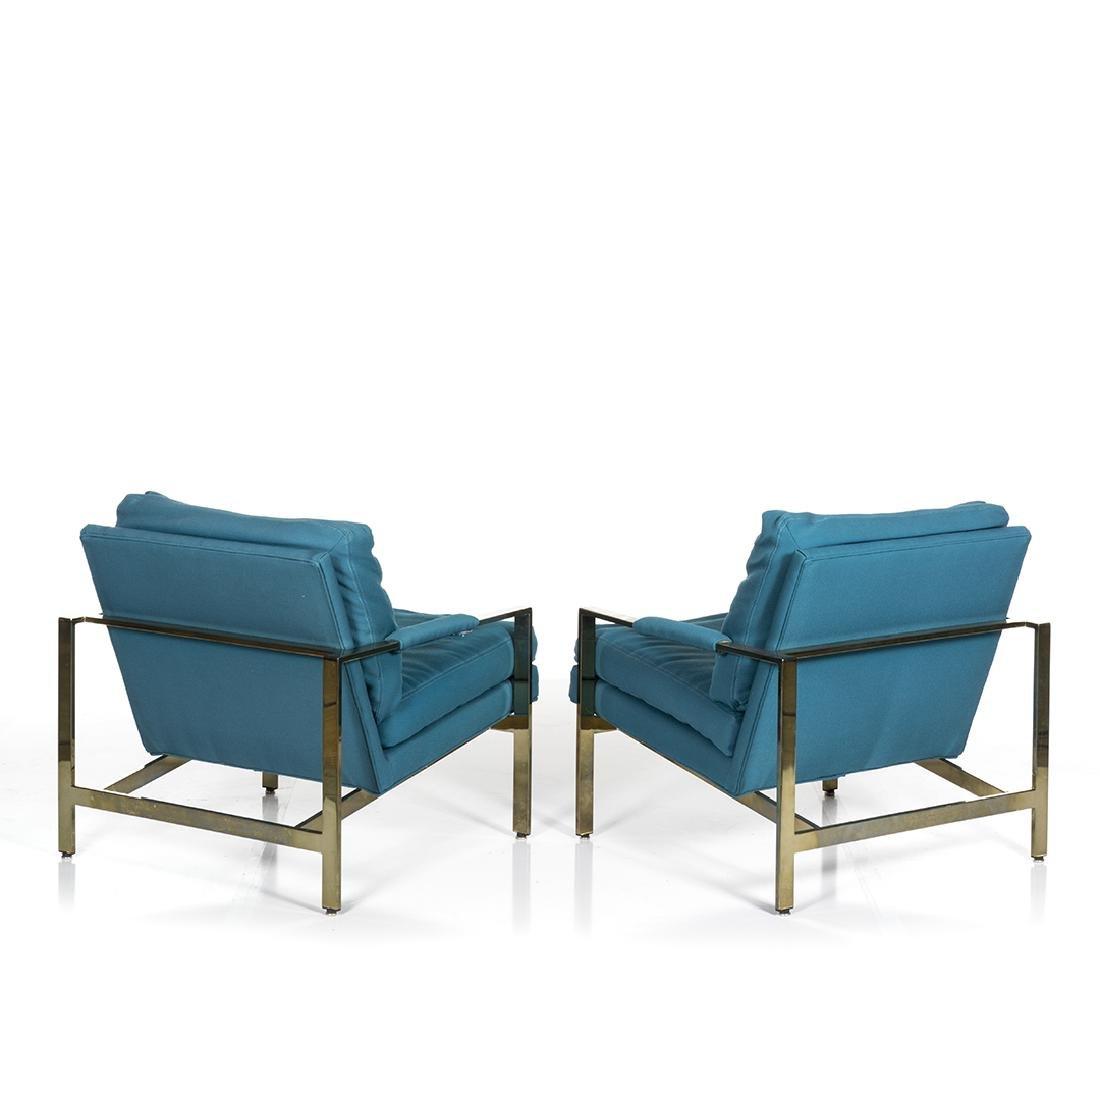 Milo Baughman Lounge Chairs (2) - 3